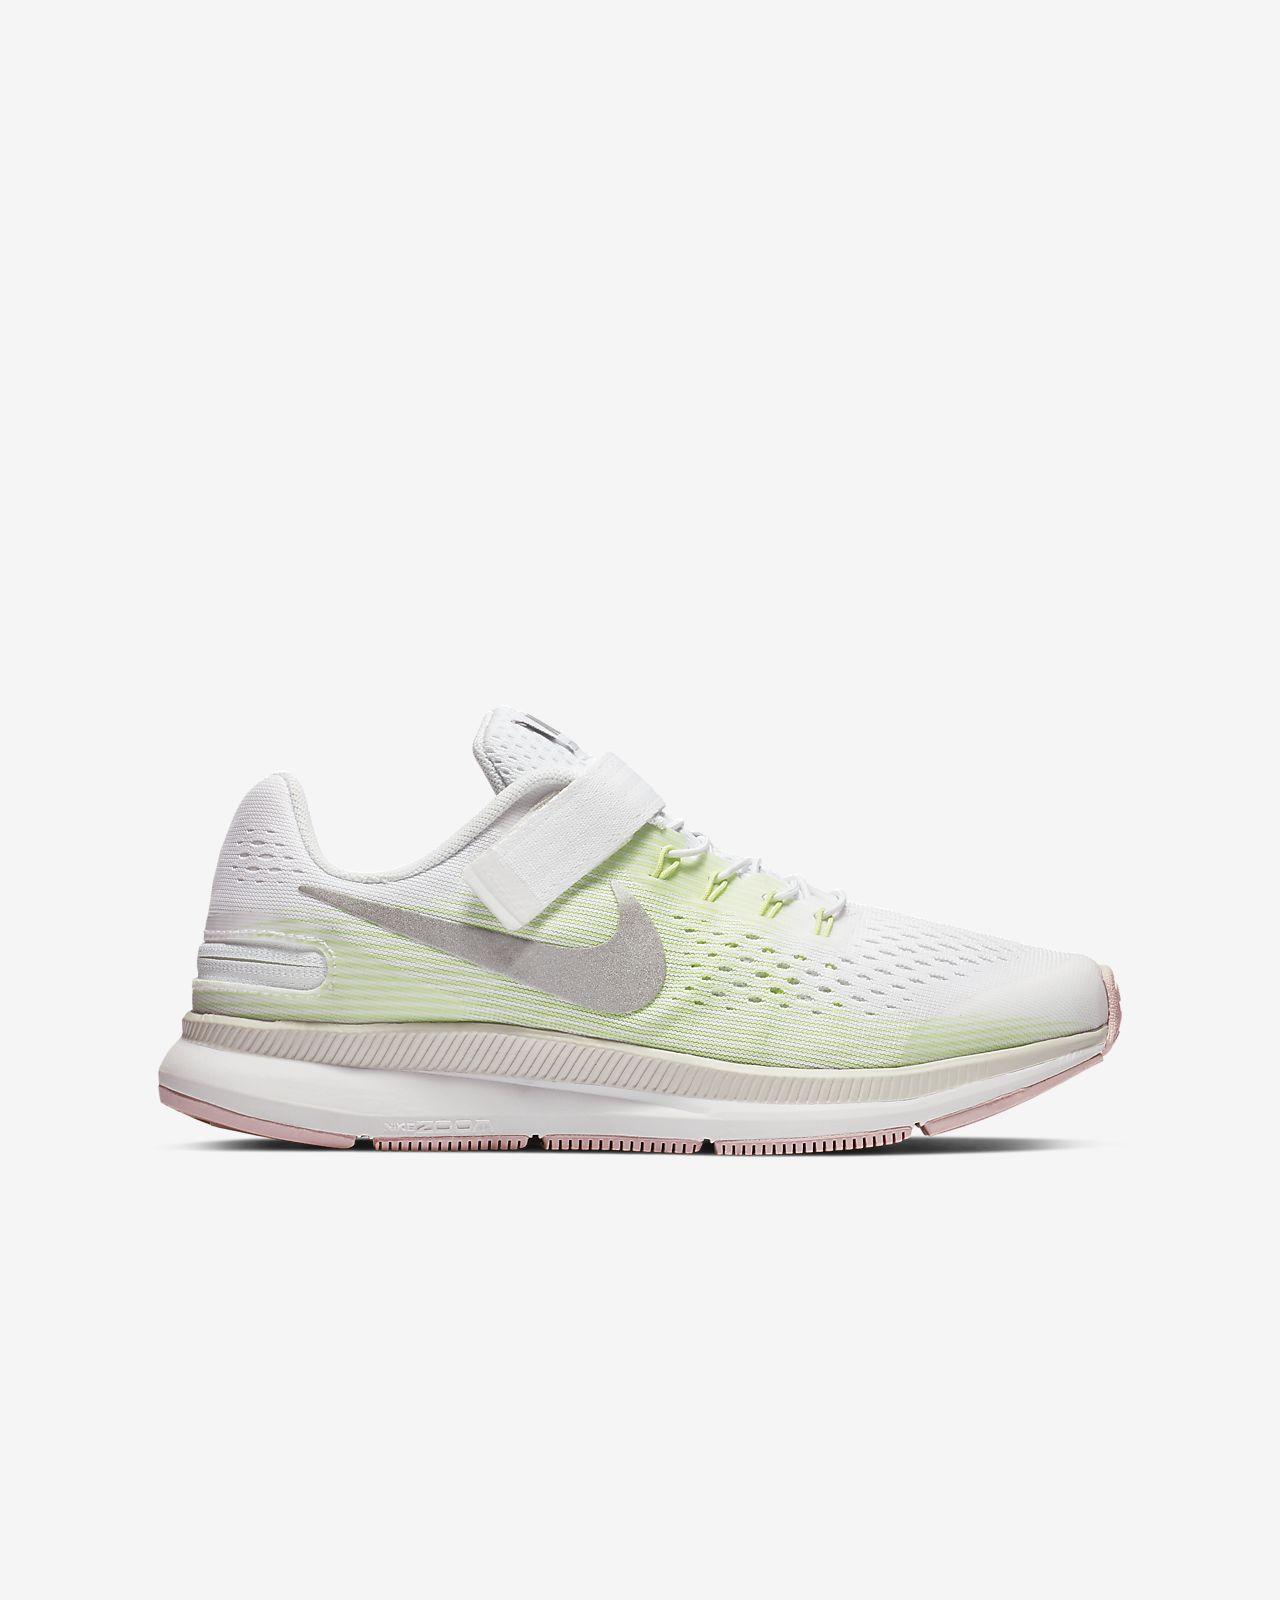 efb19744d Nike Zoom Pegasus 34 FlyEase Younger/Older Kids' Running Shoe. Nike ...